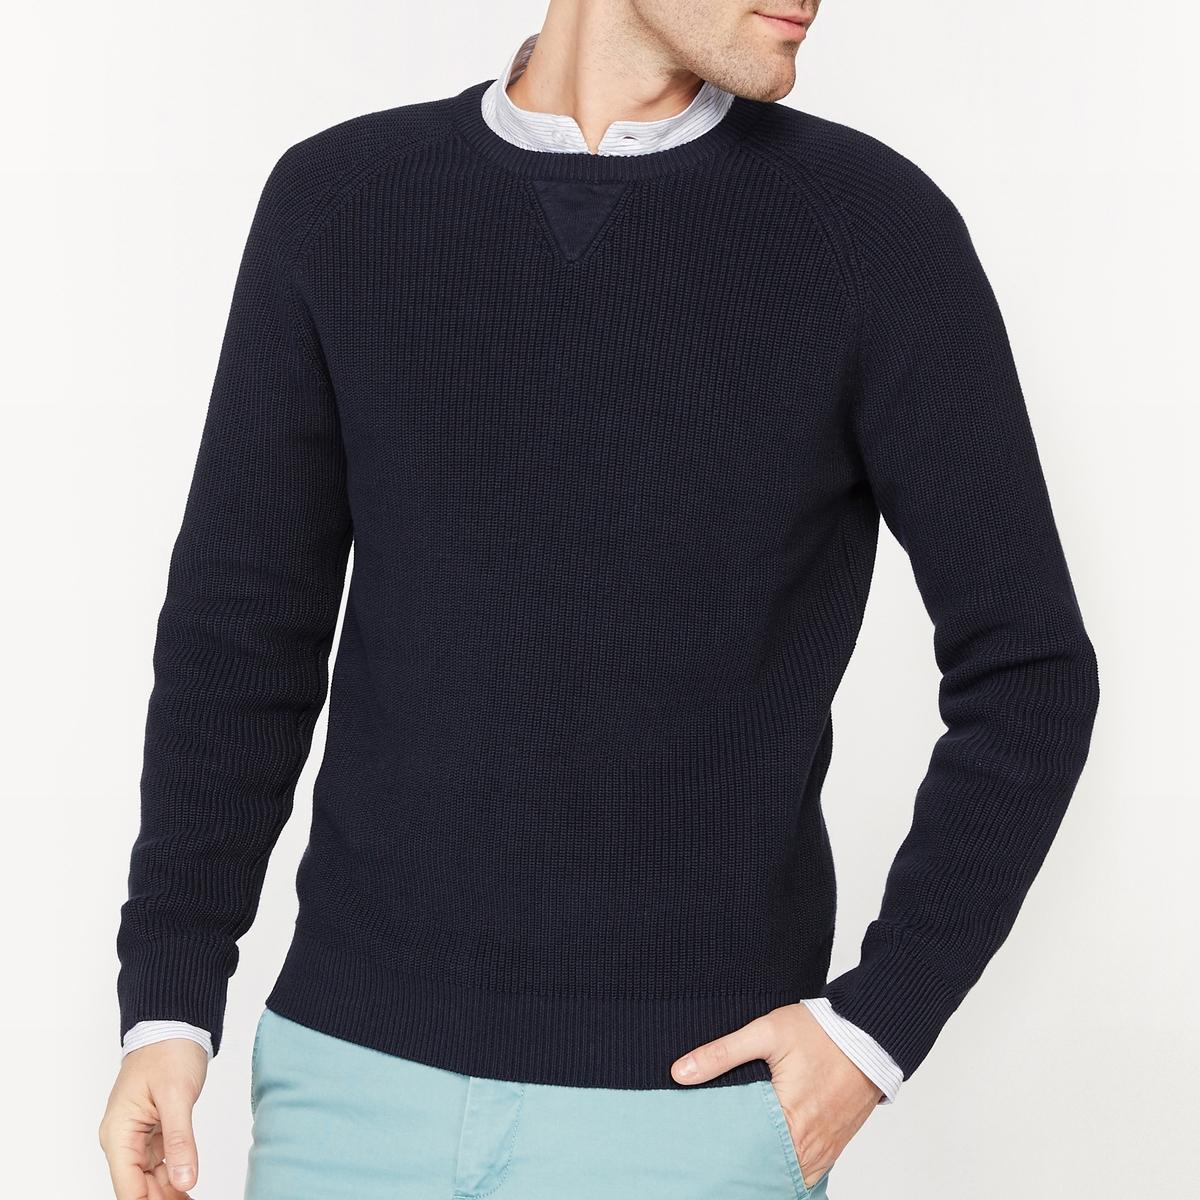 Пуловер с круглым вырезом из английского трикотажа 100% хлопок